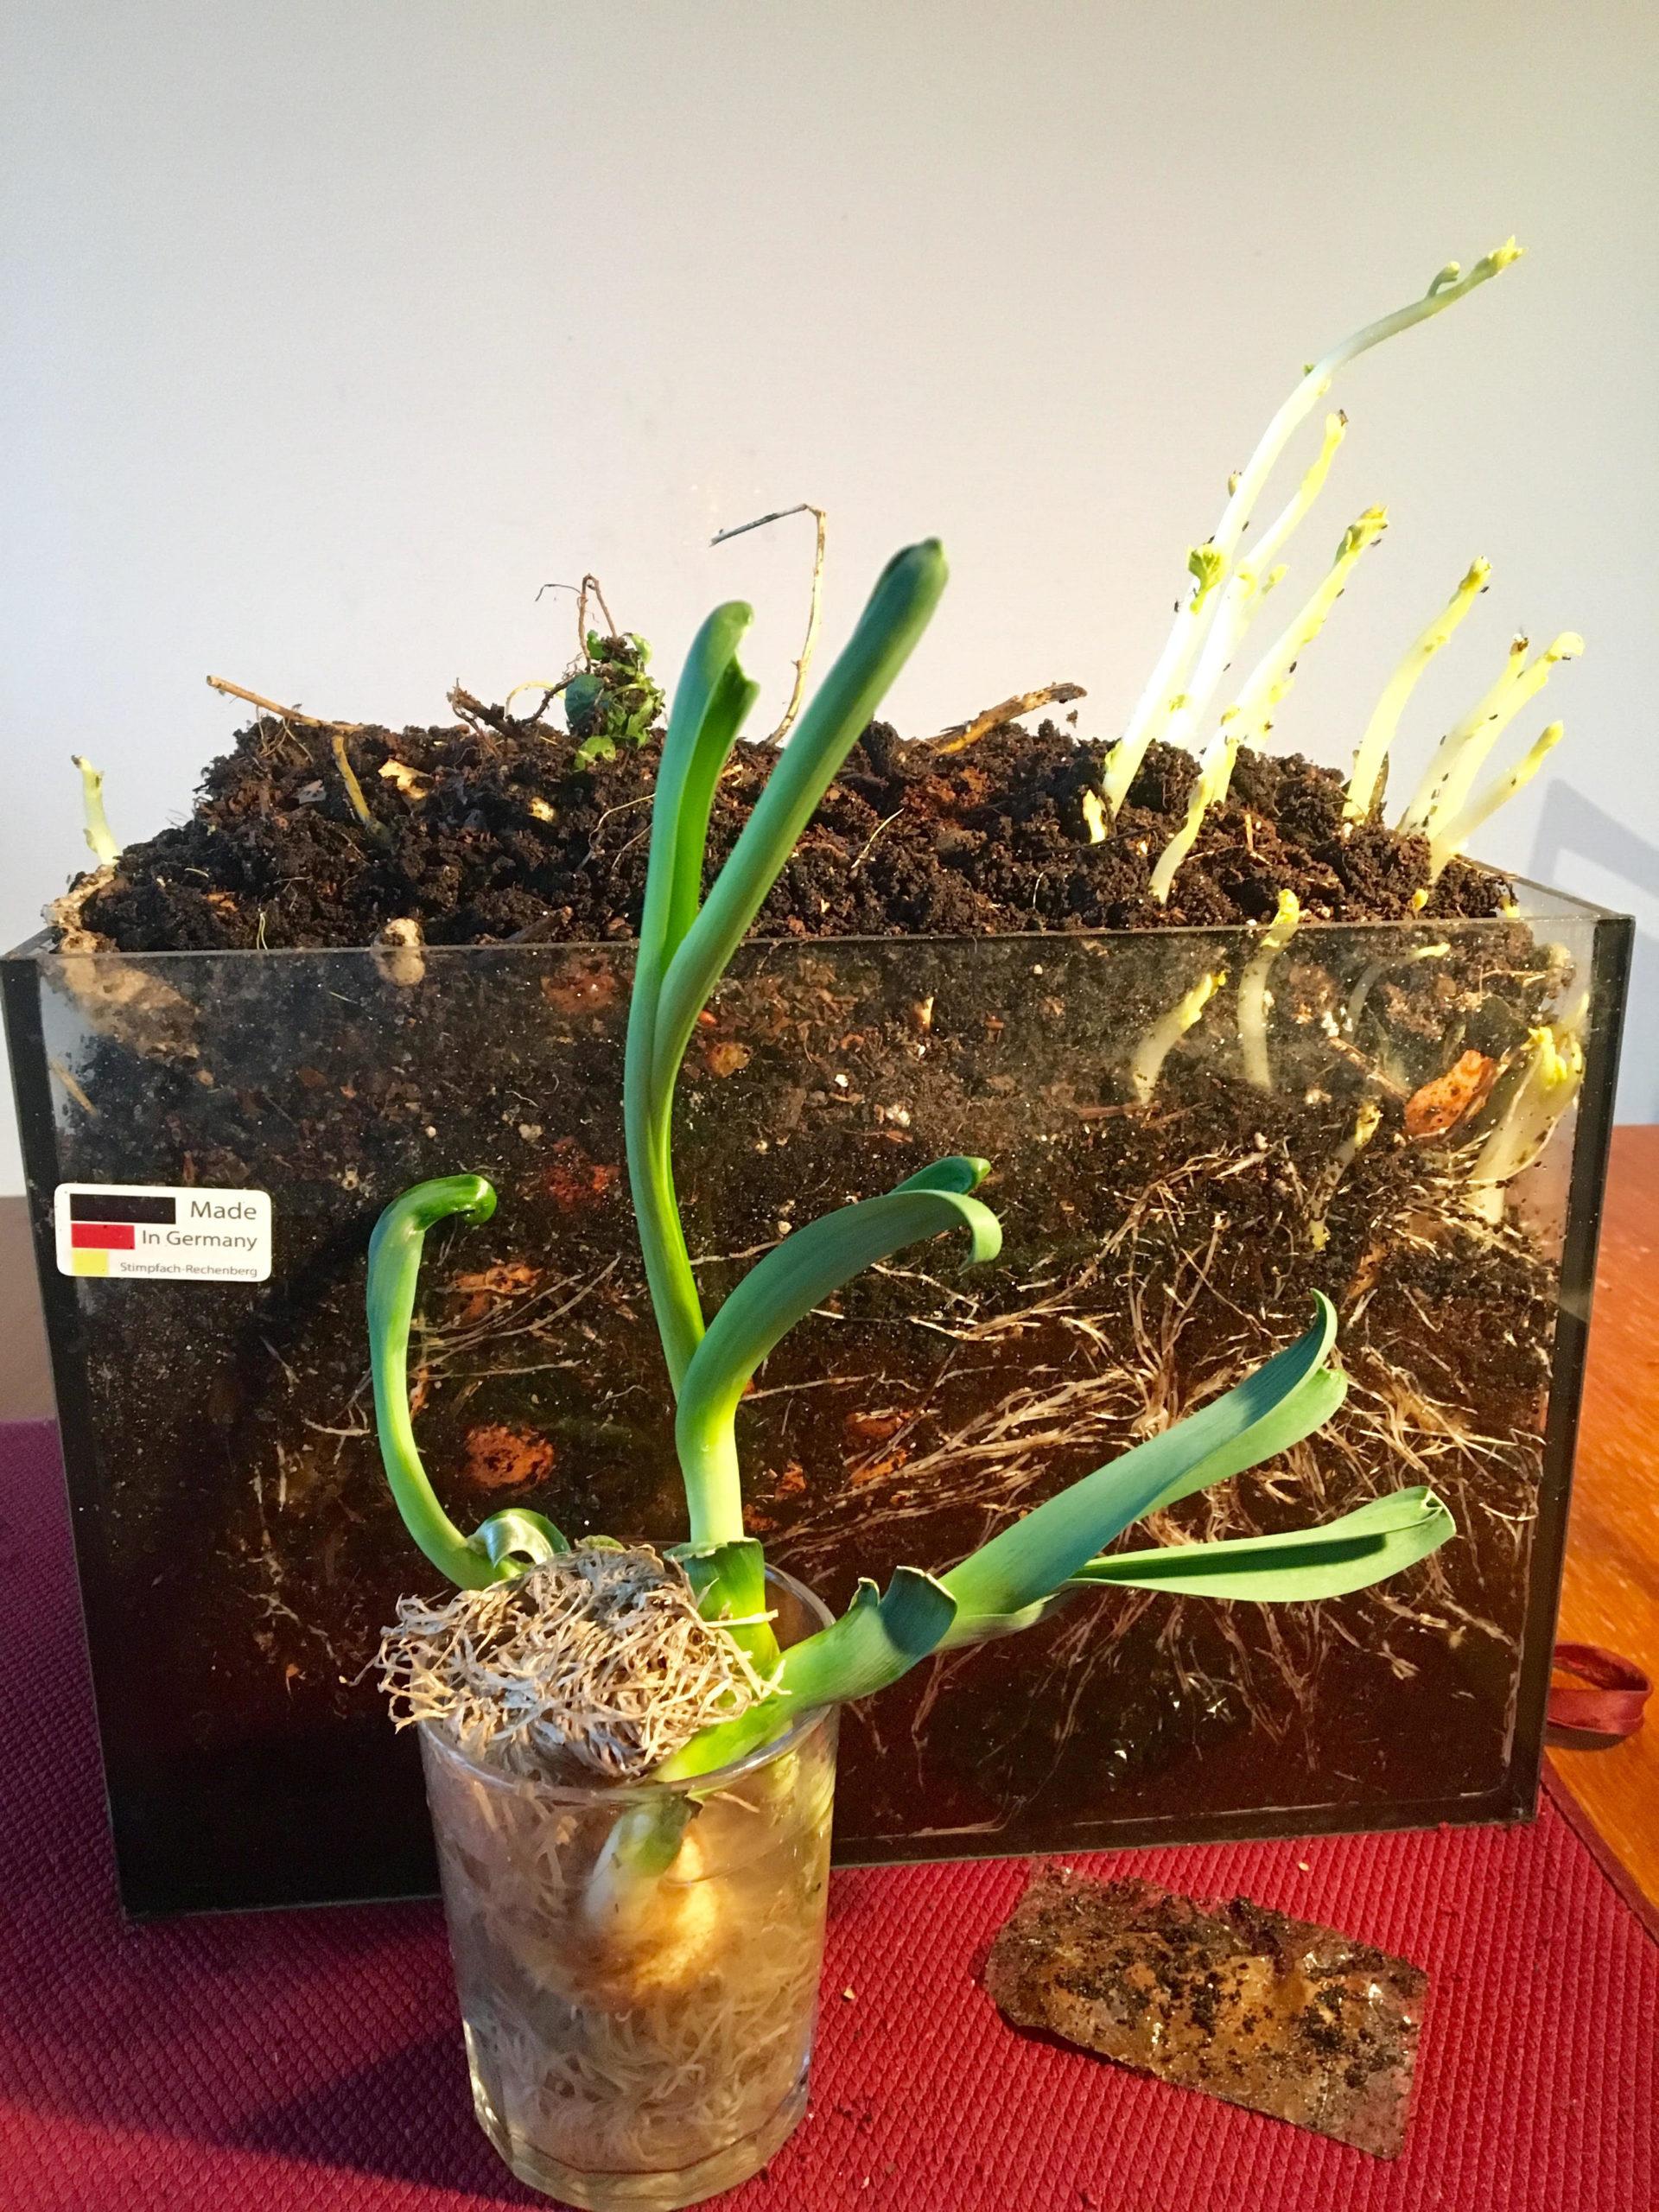 Wurmkompost-Experiment mit keimenden Kartoffeln, nachgezogenen Lauchwurzeln und kompostierbarer Verpackung